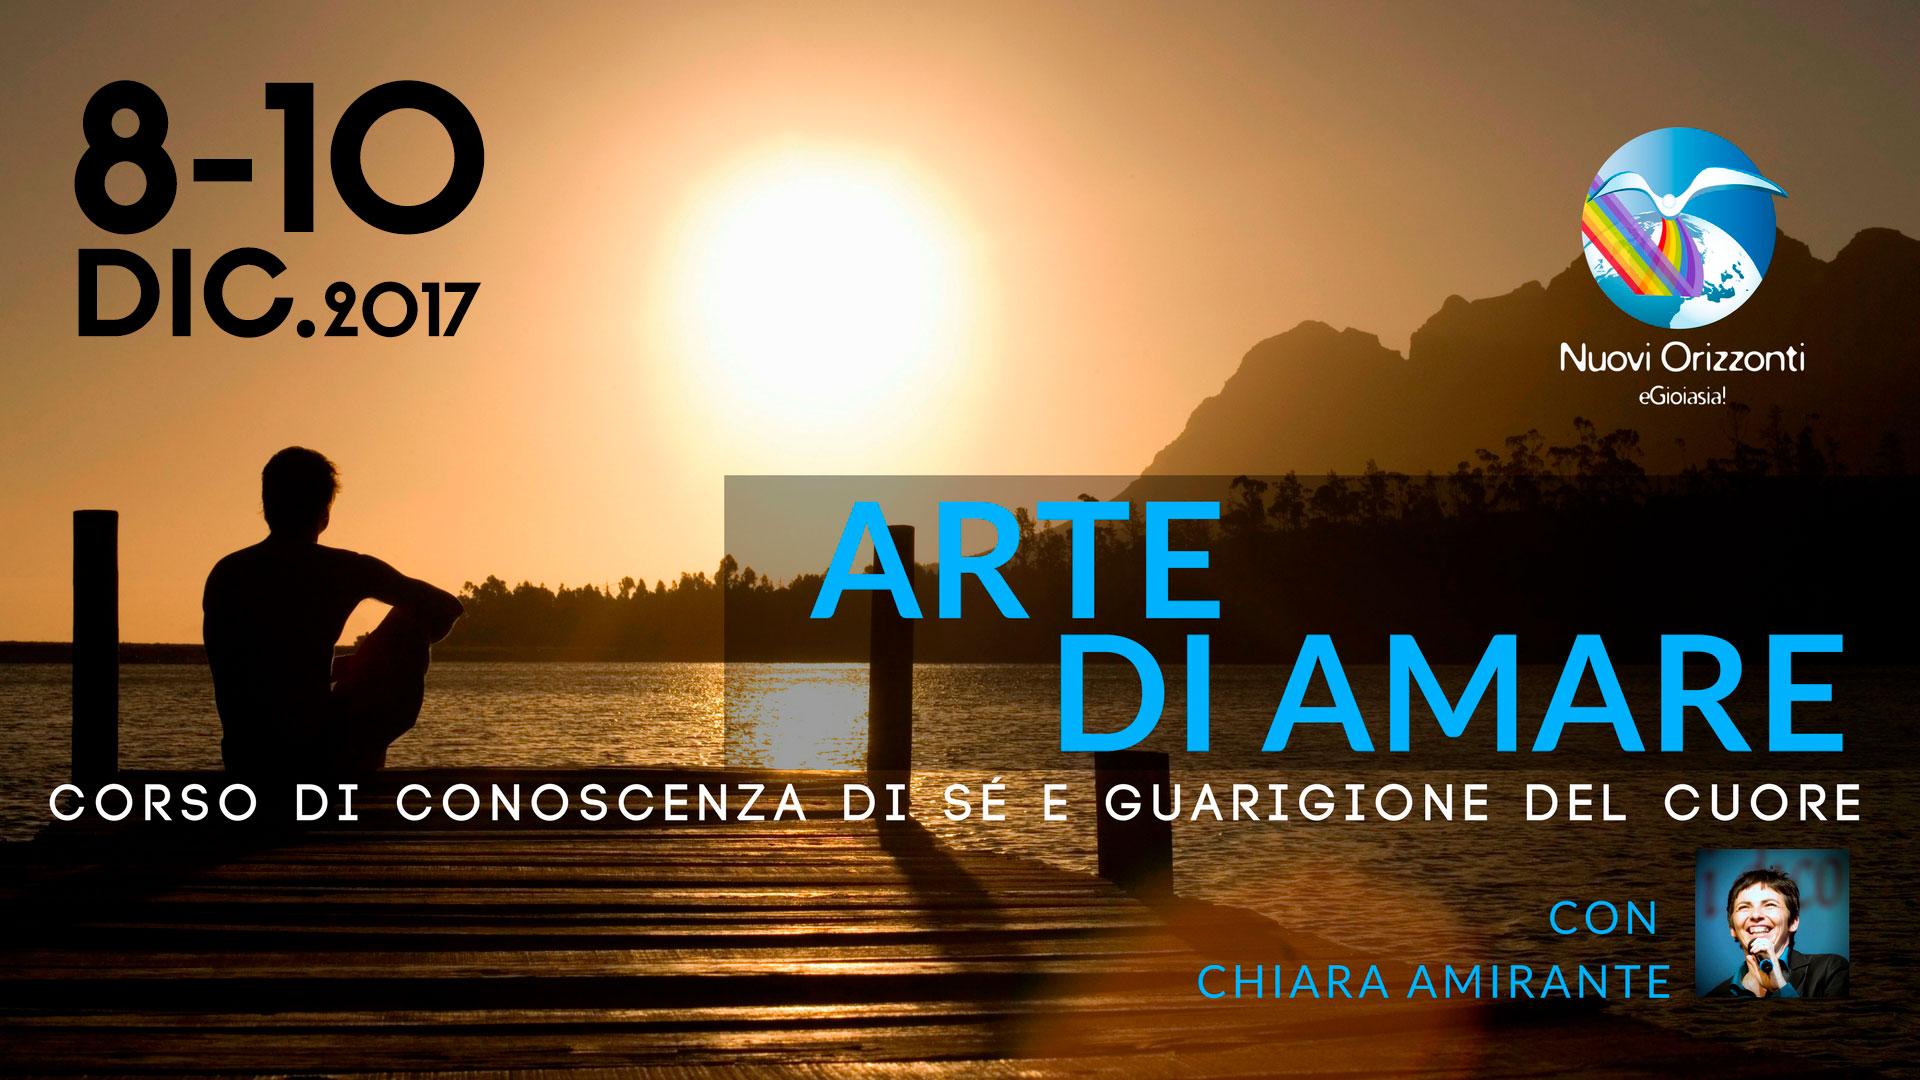 Arte di Amare Dicembre 2017 - Nuovi Orizzonti